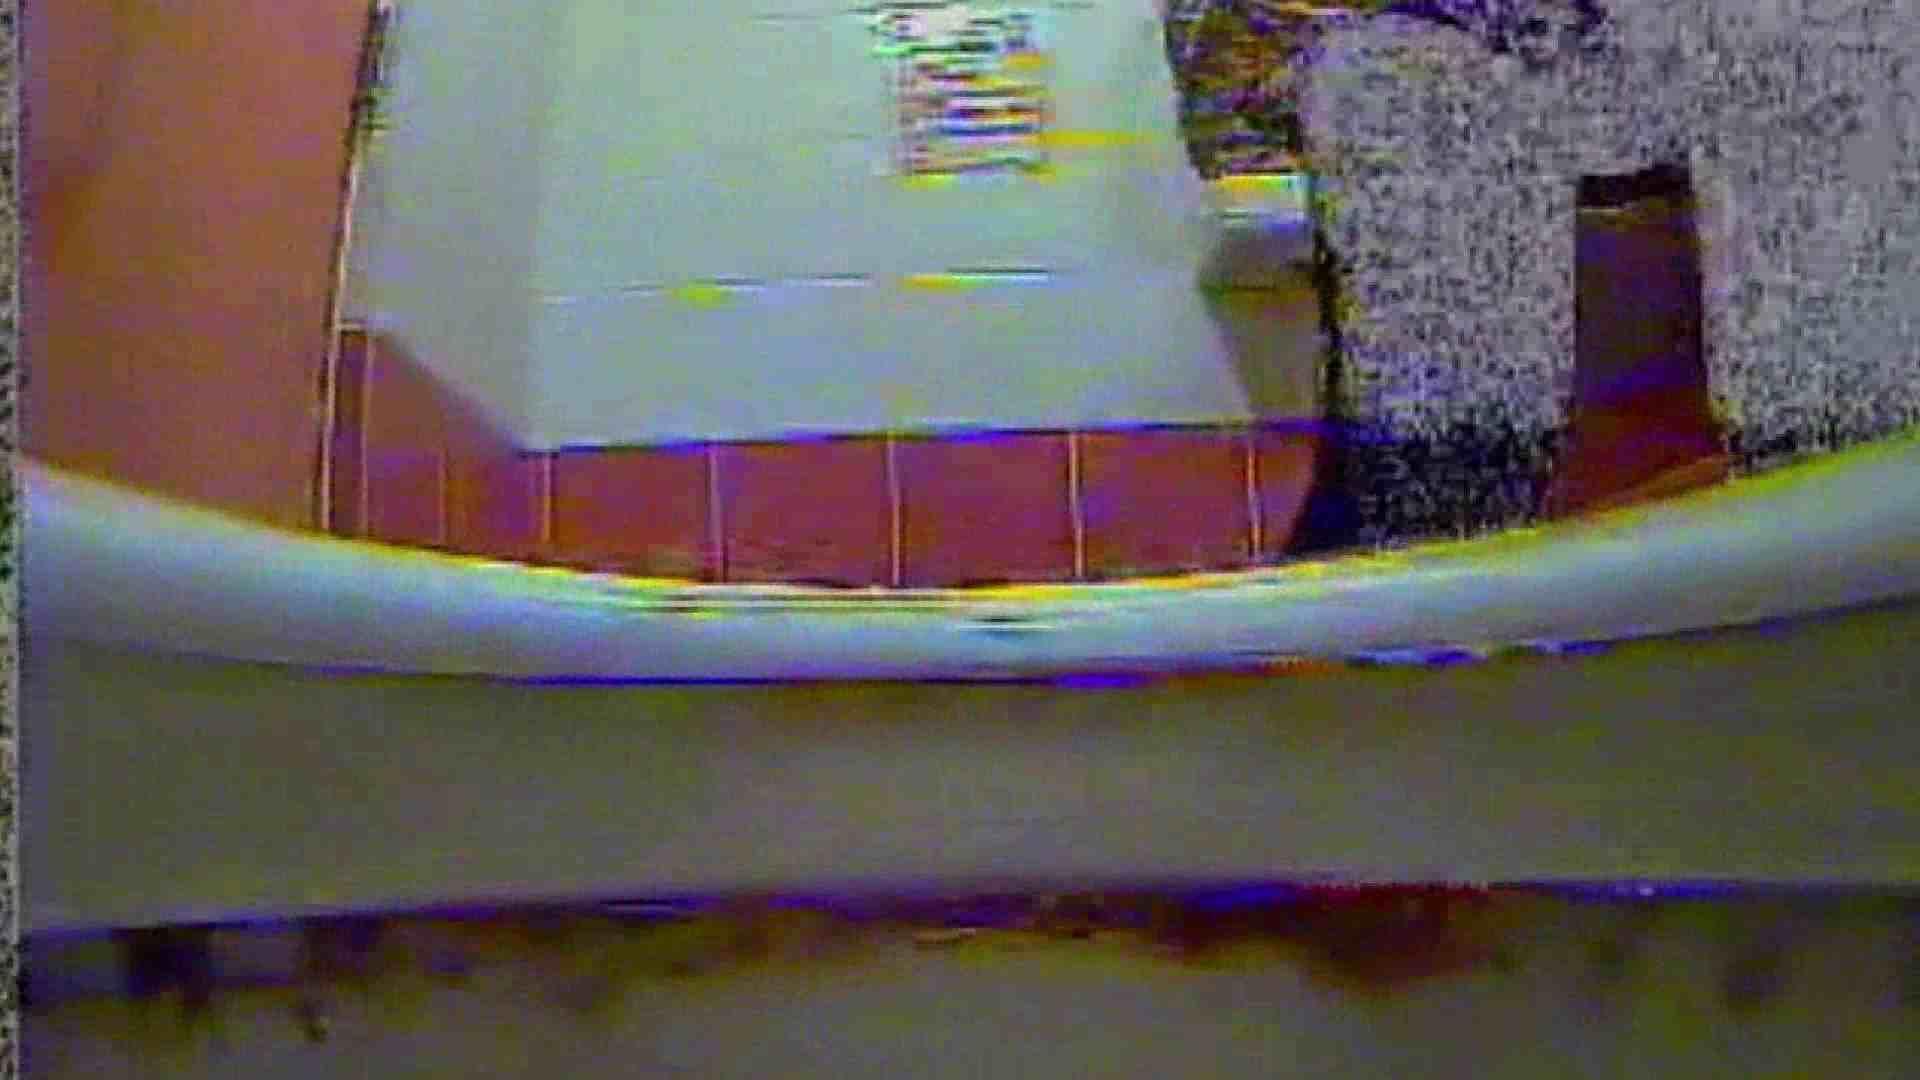 キレカワ女子大生の秘密の洗面所!Vol.048 放尿 オメコ動画キャプチャ 109画像 23